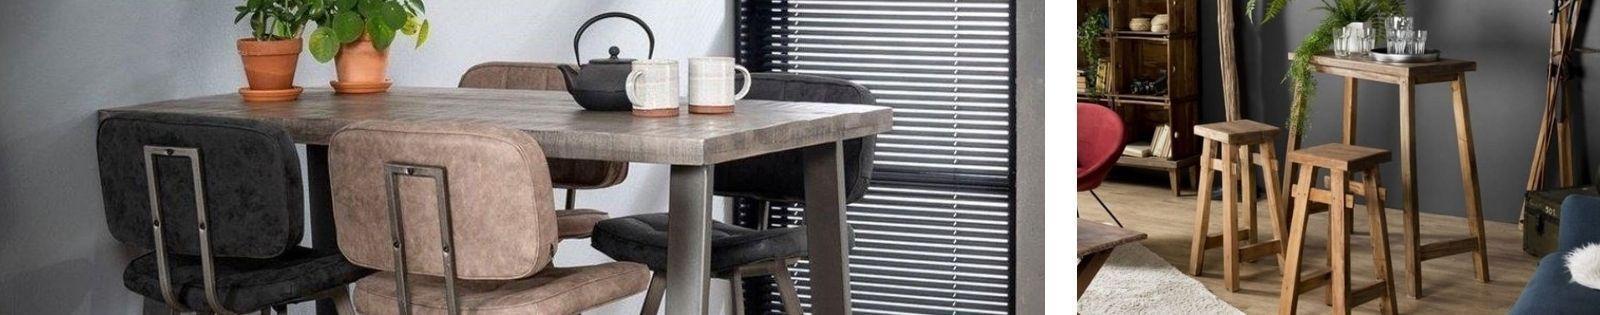 Table bar en bois massif : acacia, chêne, hévéa, teck, manguier